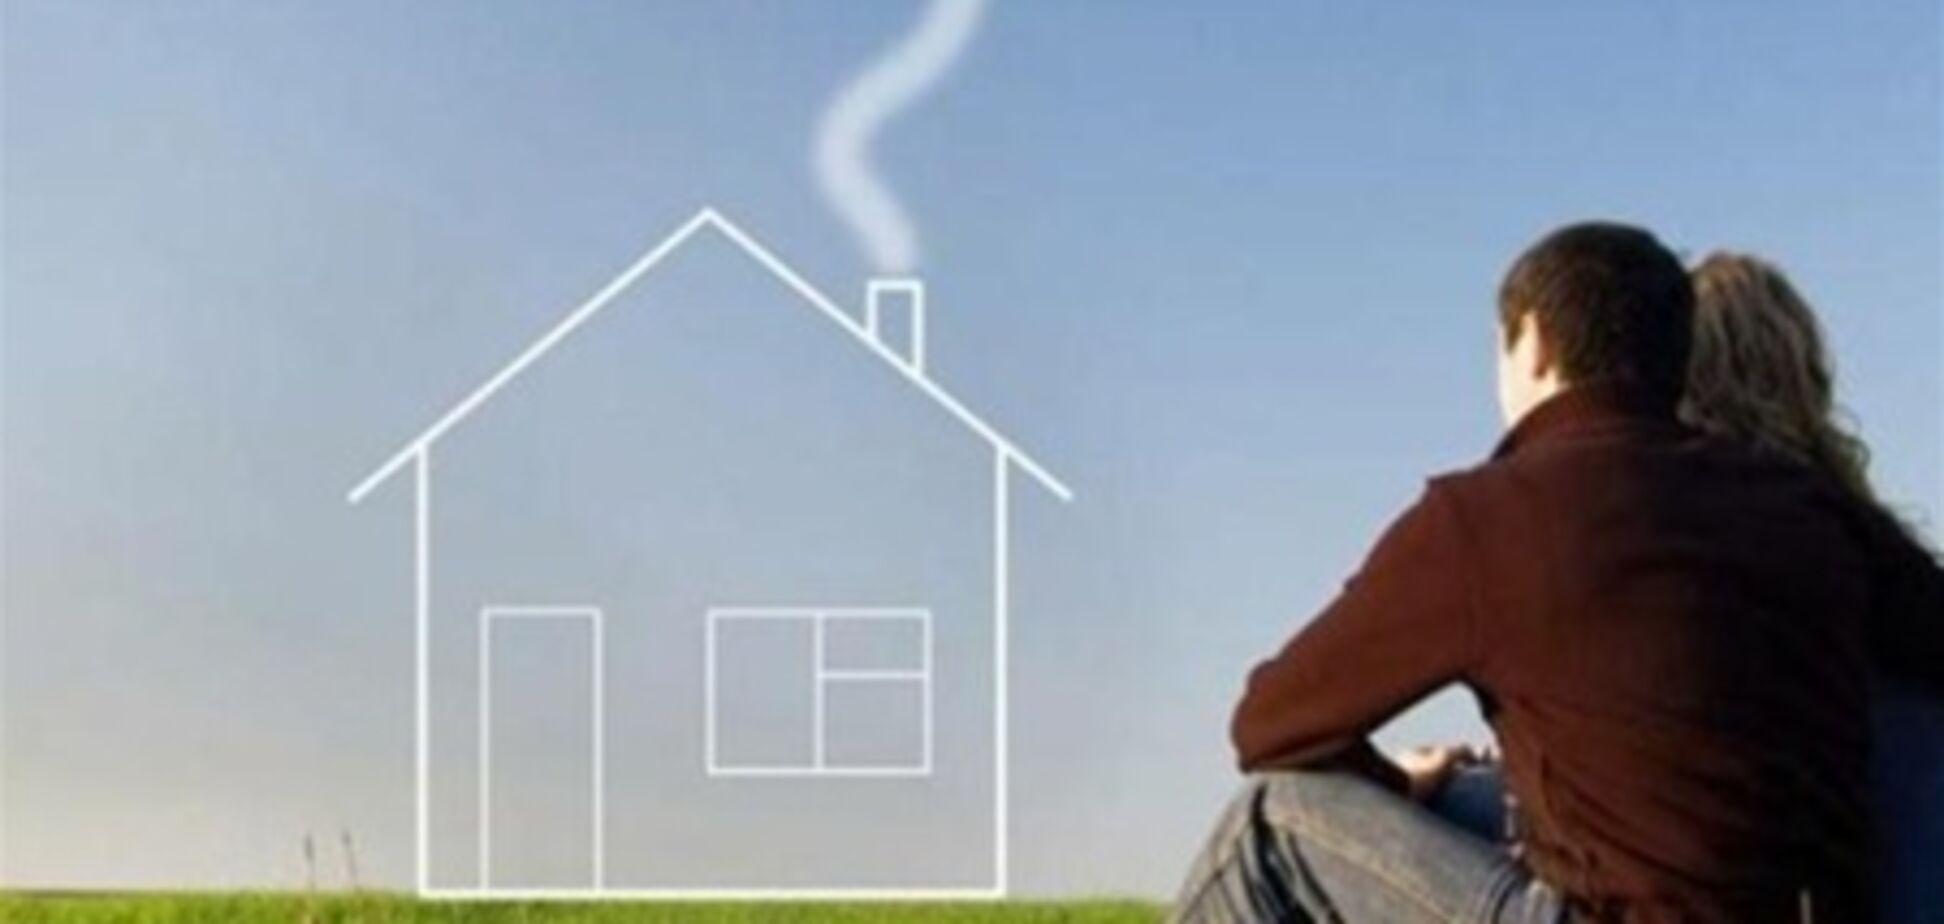 Двести семей Киева сегодня получили новое жилье по госпрограмме